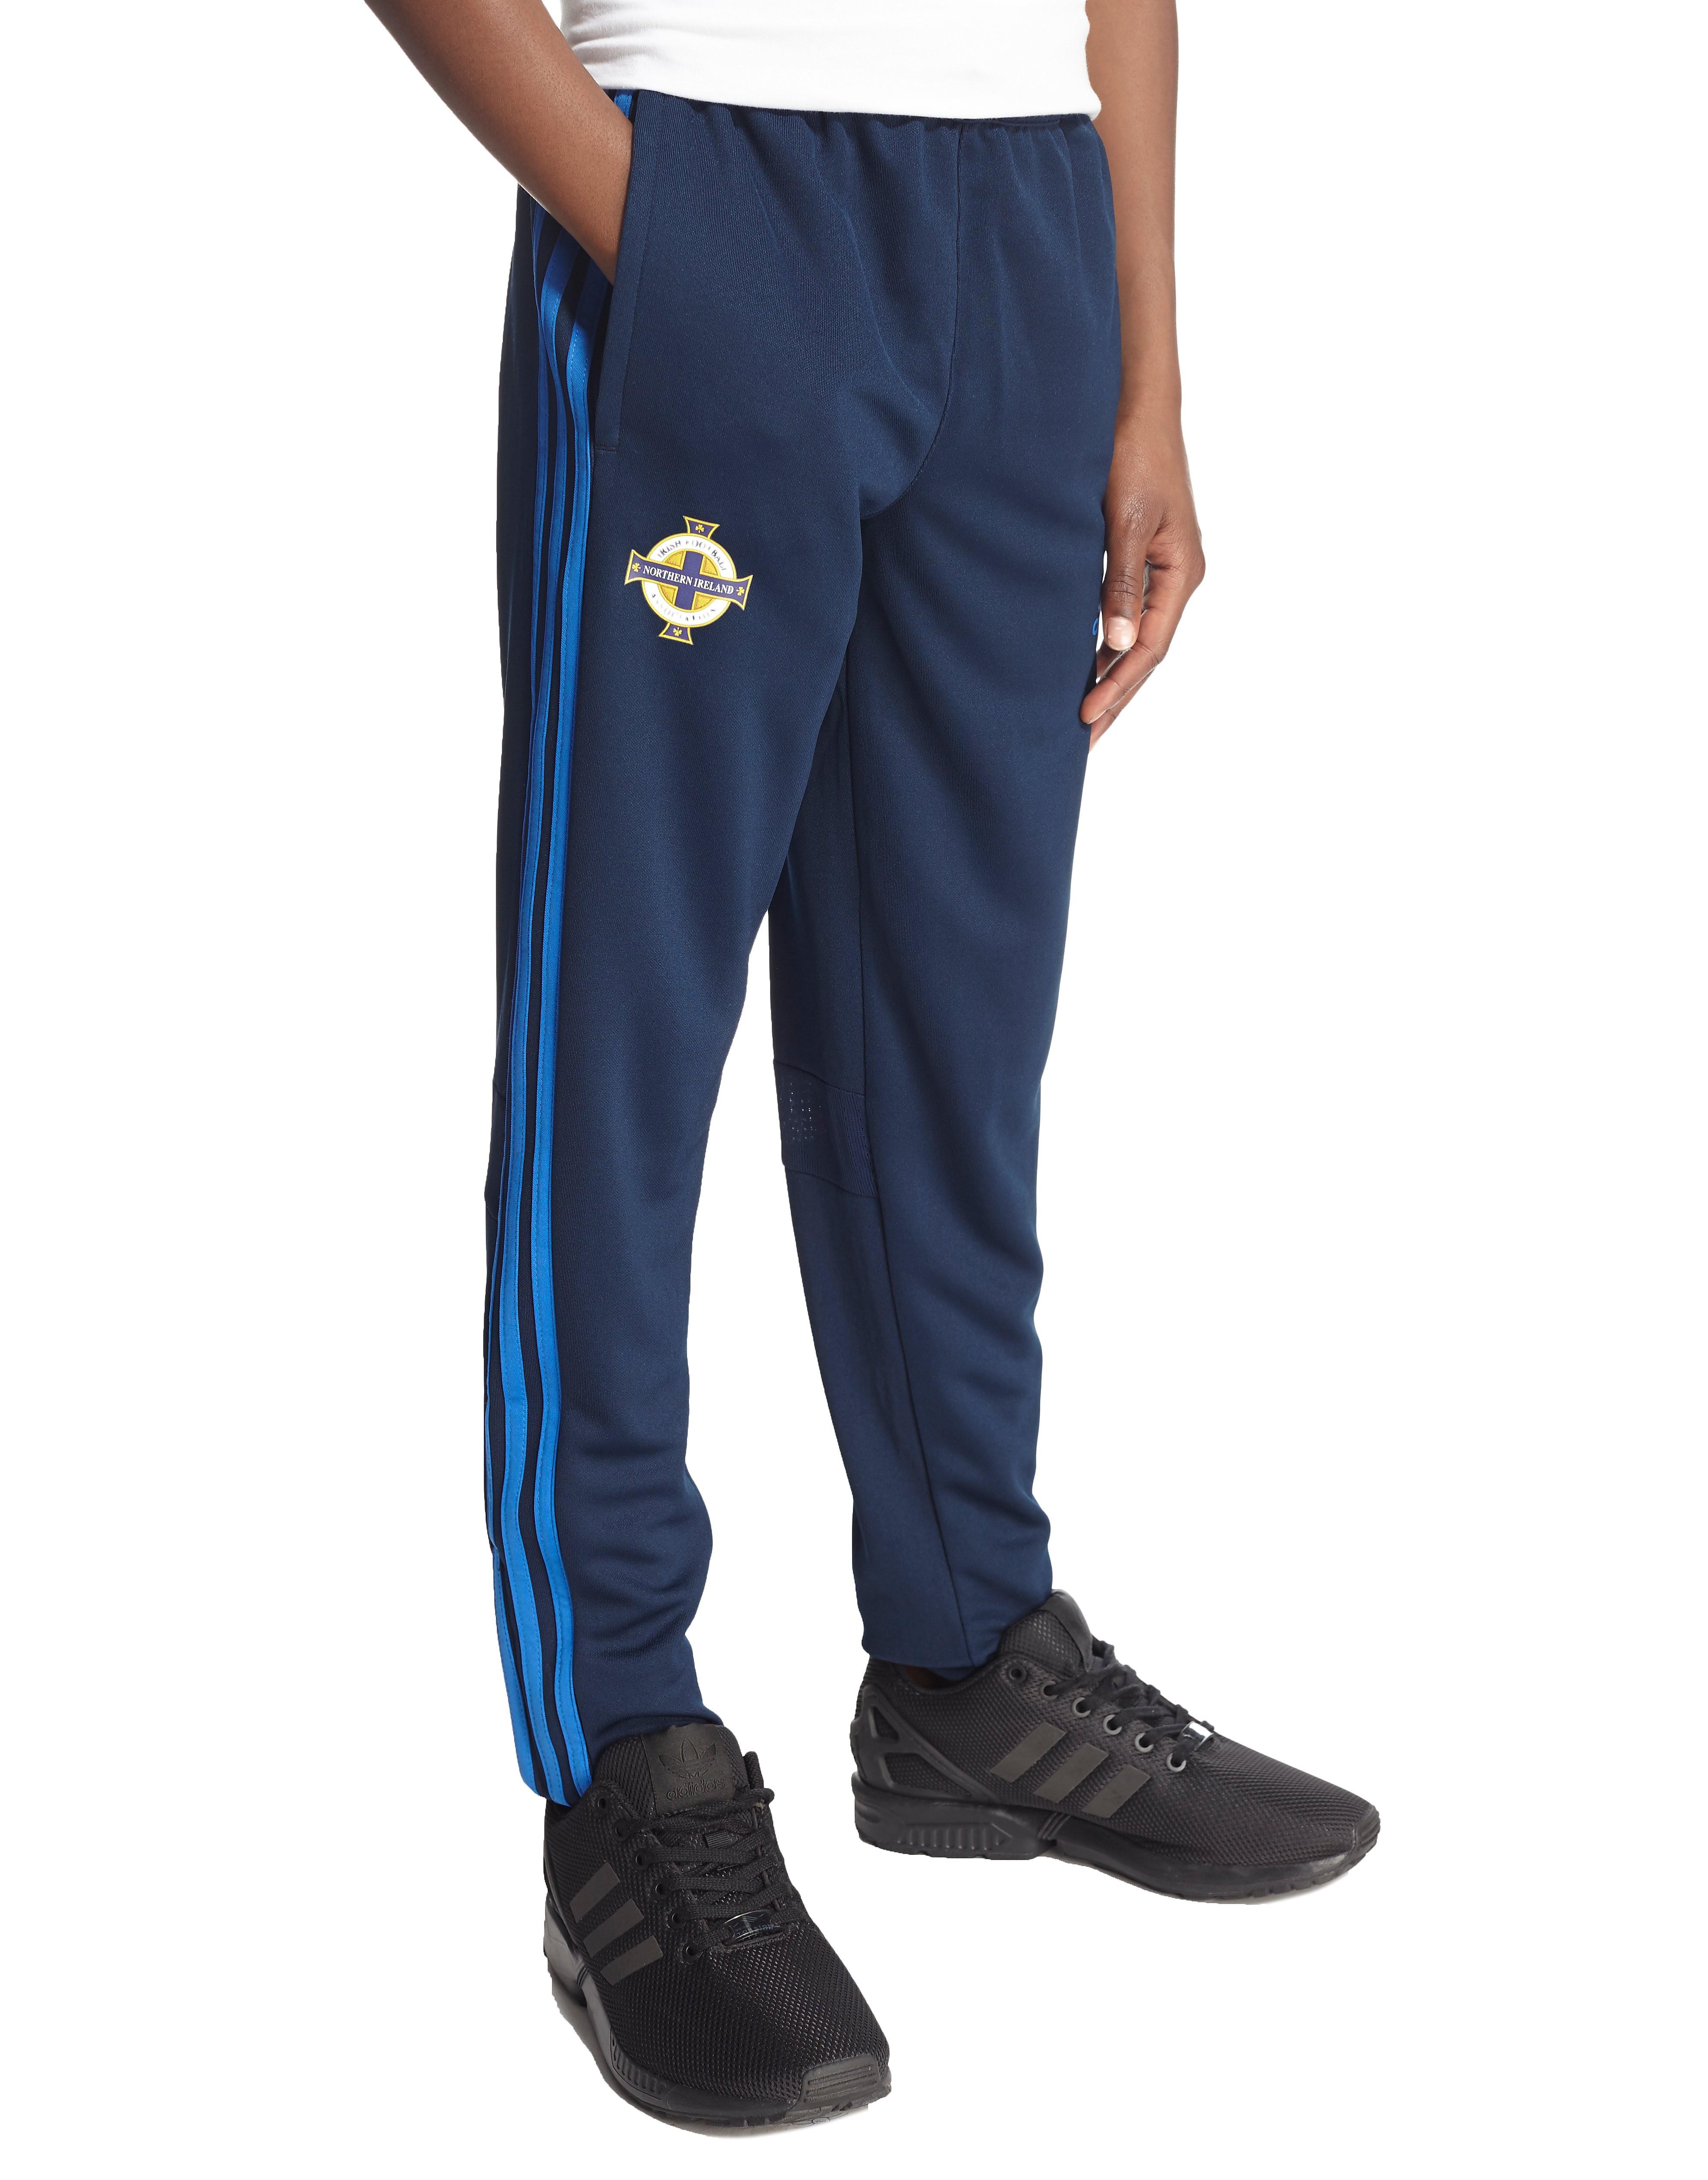 adidas Northern Ireland 2016/17 Training Pants Junior